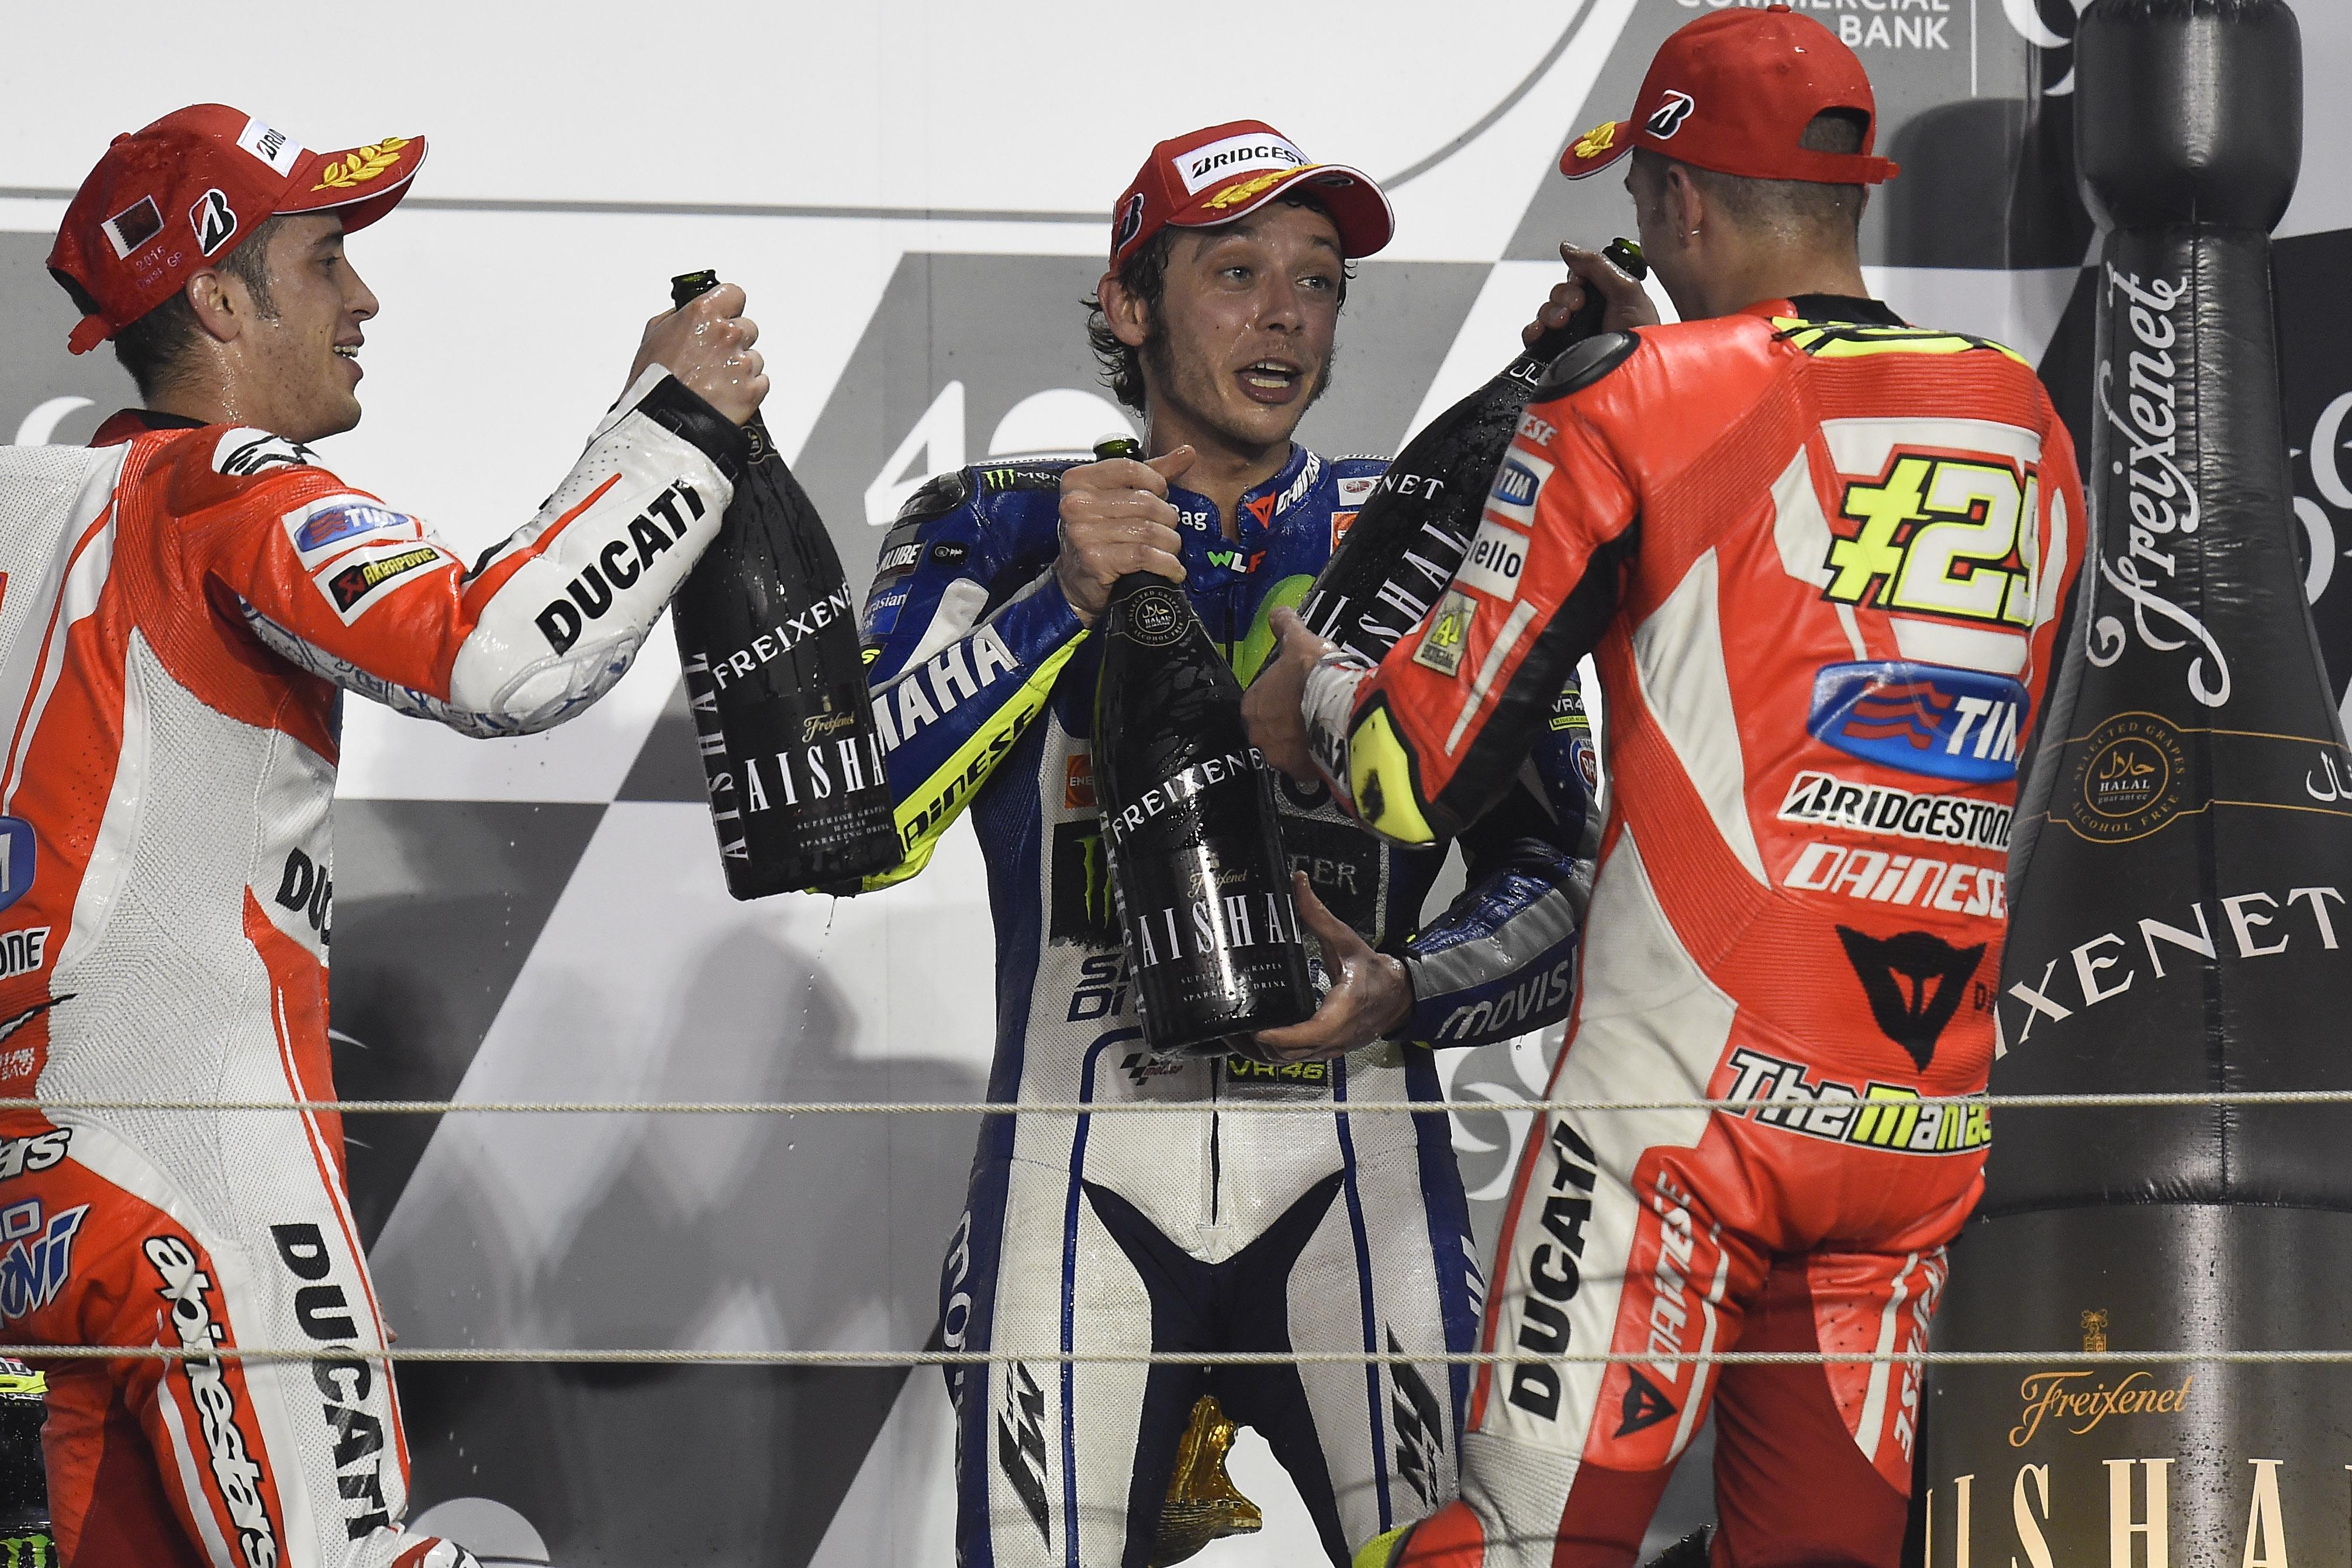 Qatar: trionfo italiano, con Rossi e le Ducati